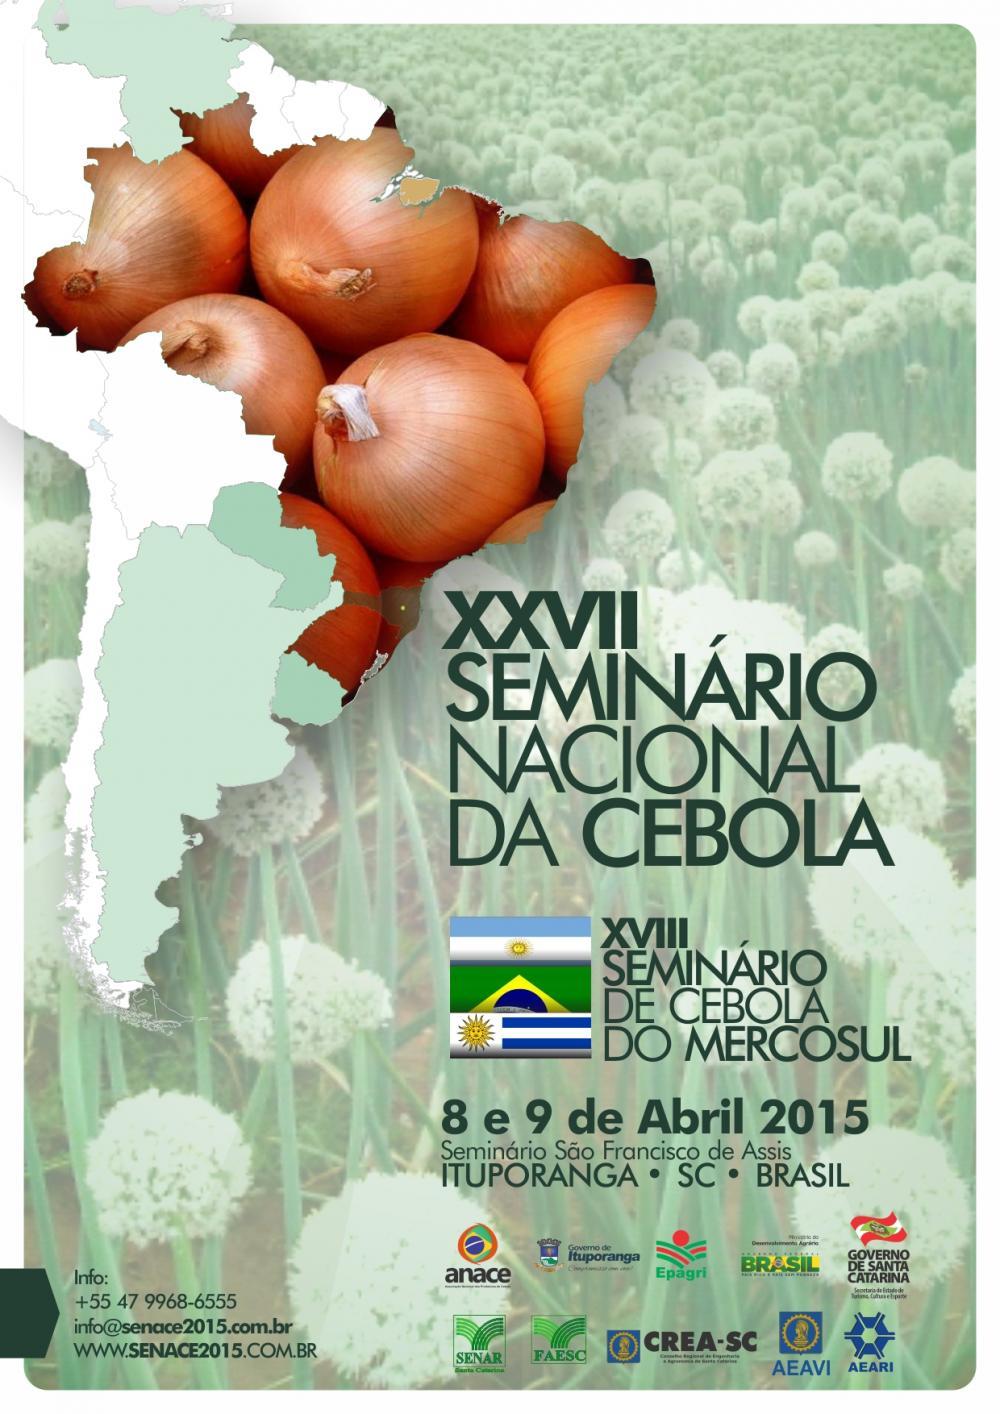 Ituporanga está pronta para receber o 27º Seminário Nacional da Cebola